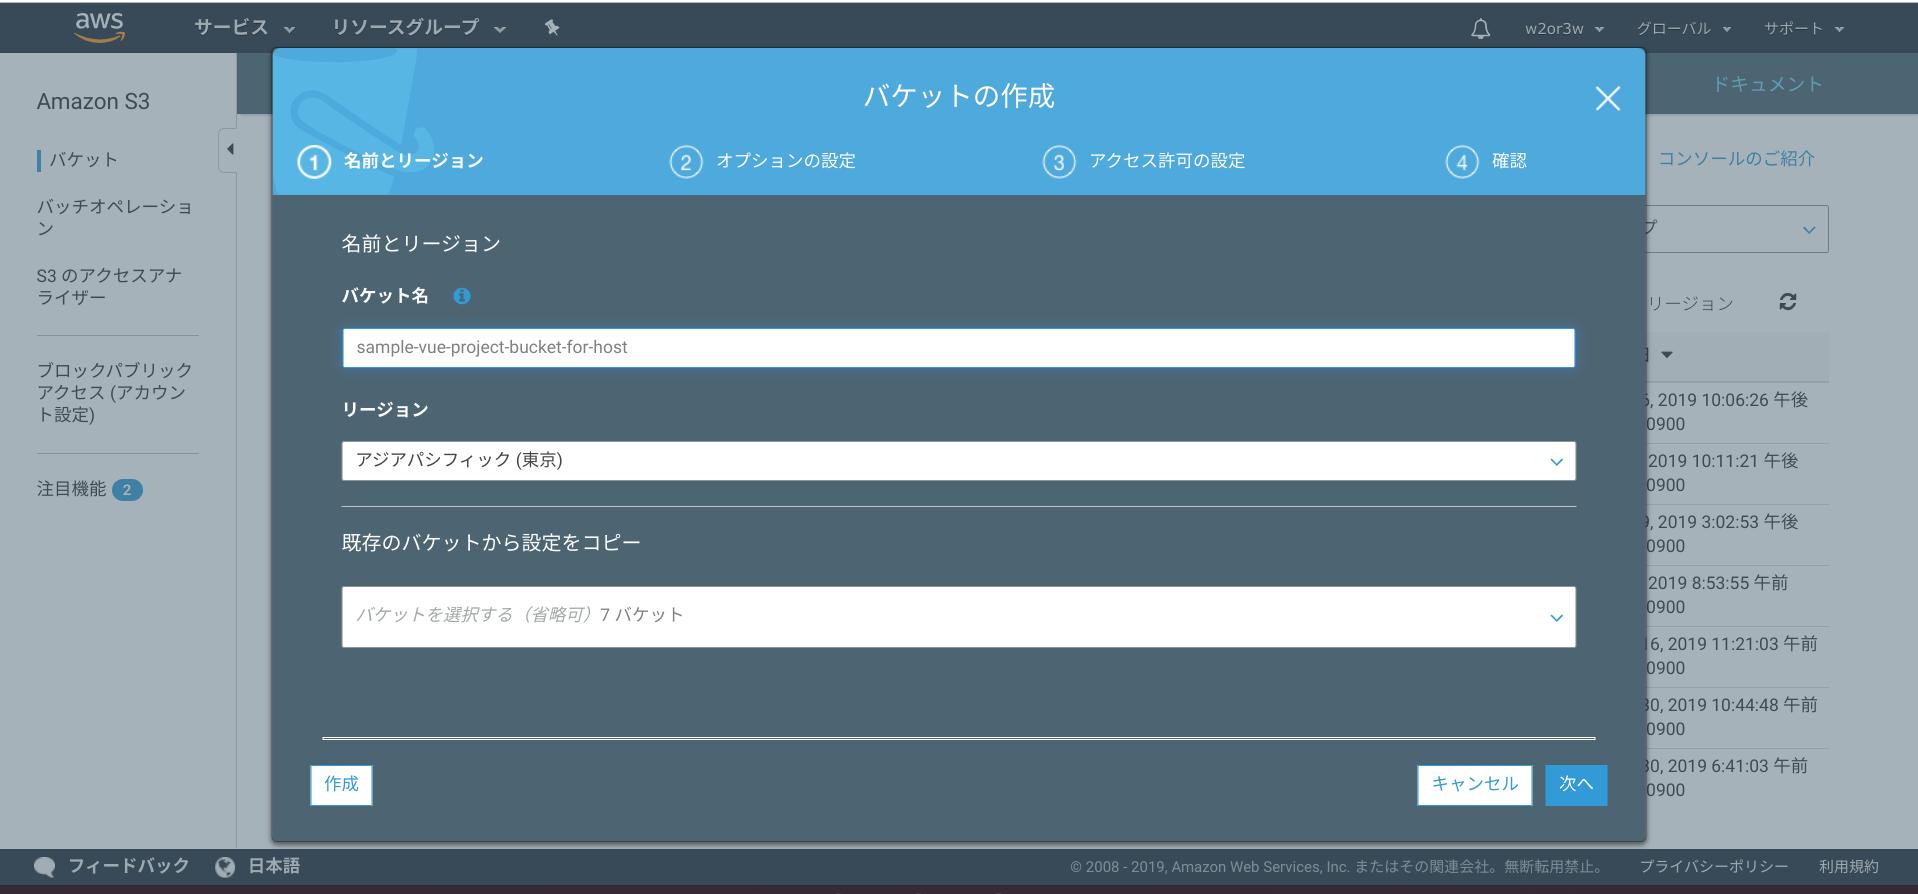 Screenshot 2019-12-31 at 07.16.34.png